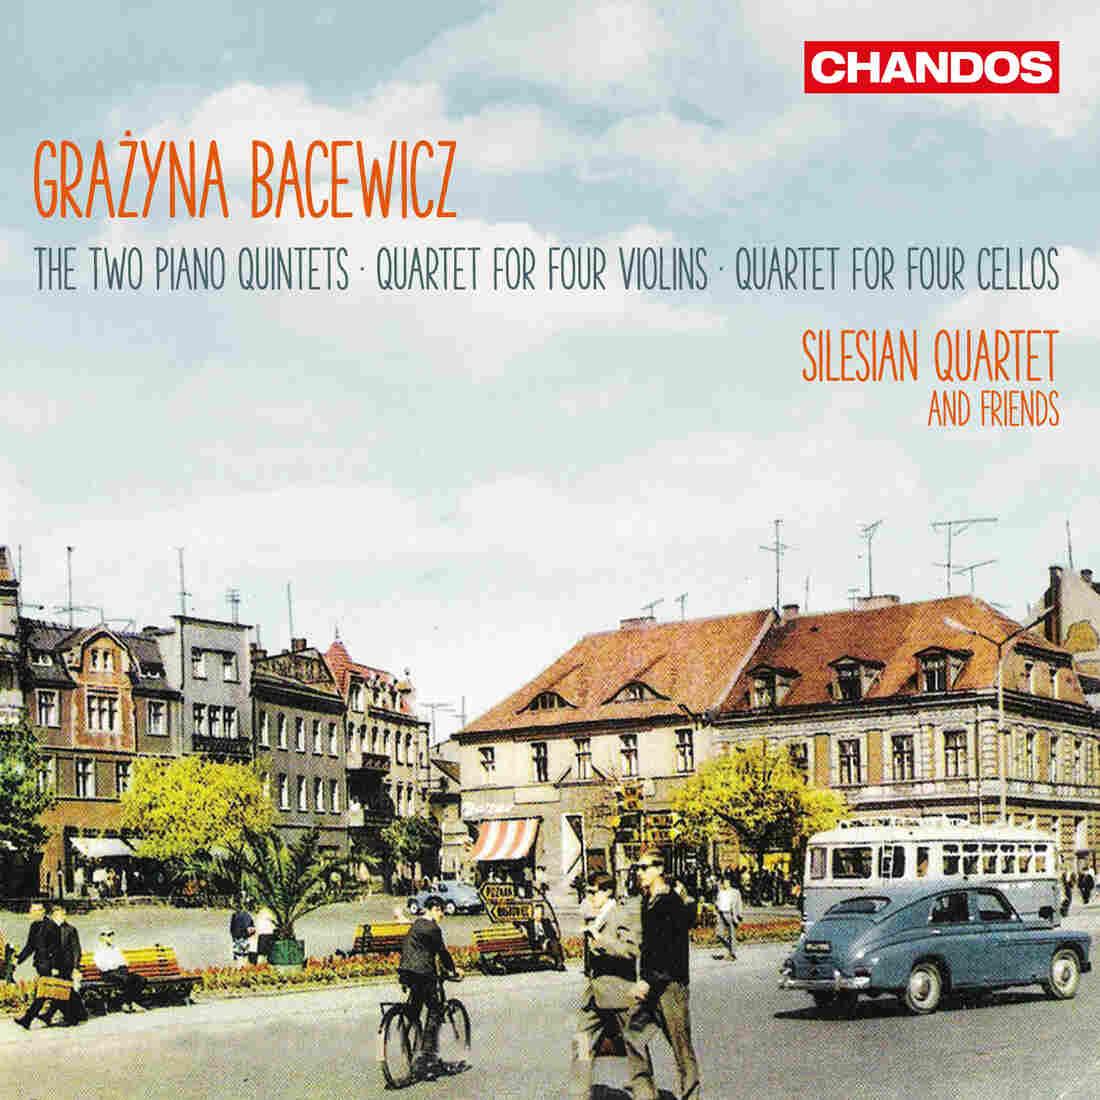 Grażyna Bacewicz, Chamber Works